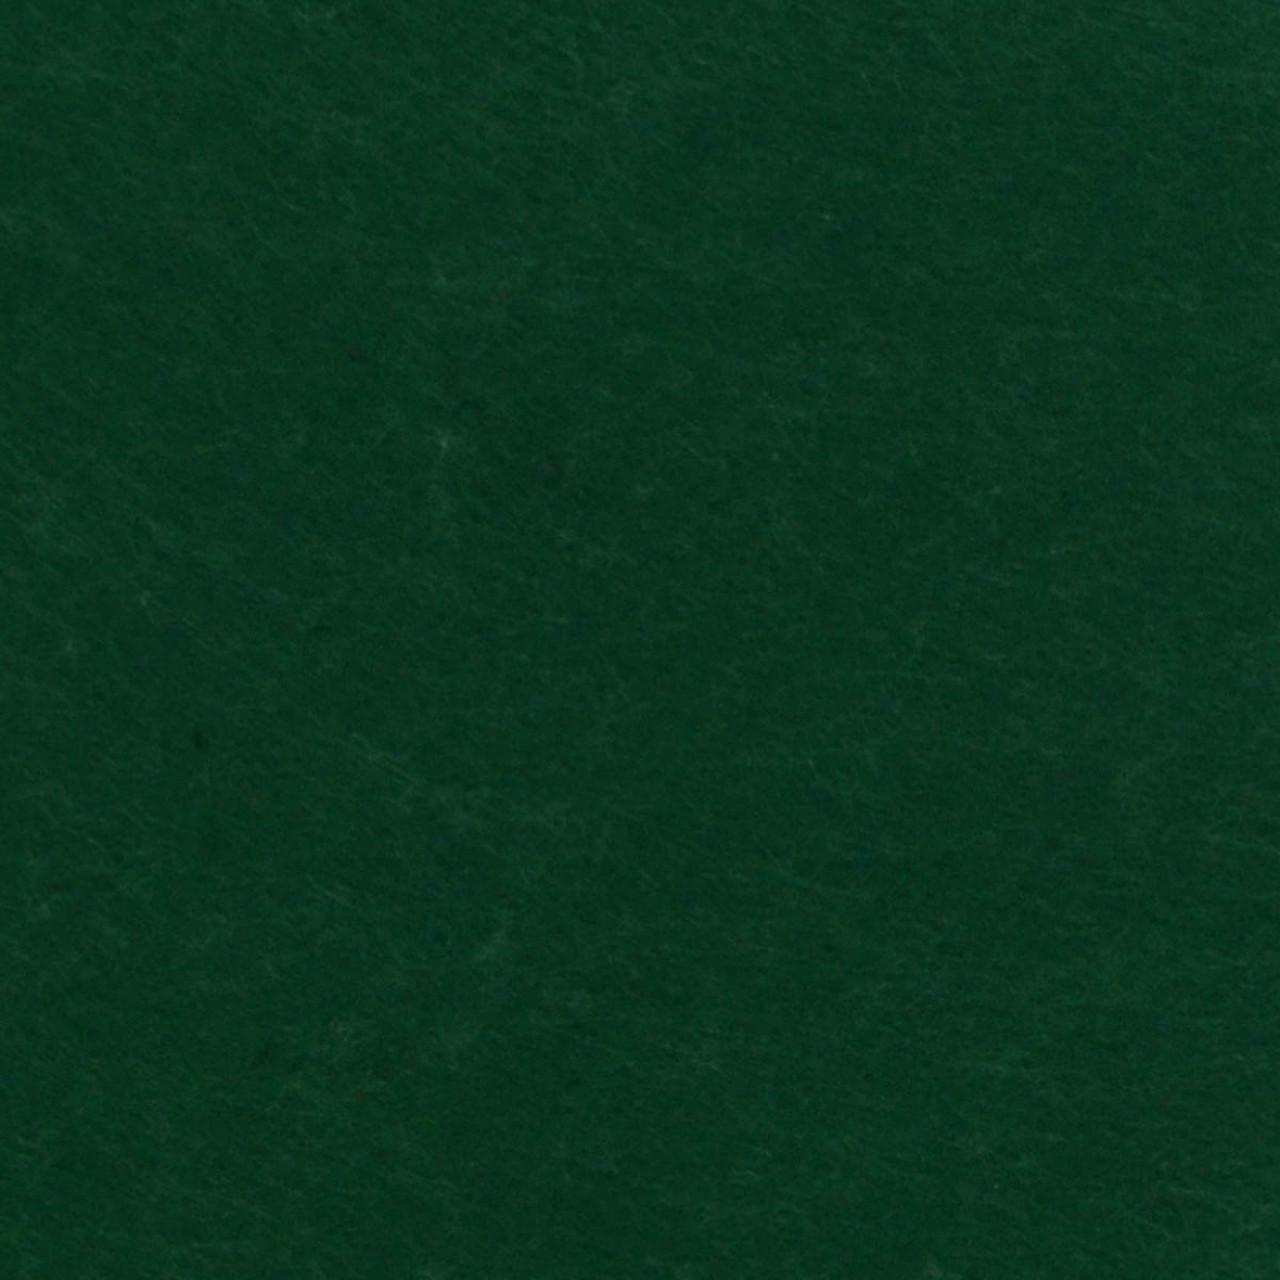 Фетр  жотсткий темно-зелений  21*30см (10л) Santi